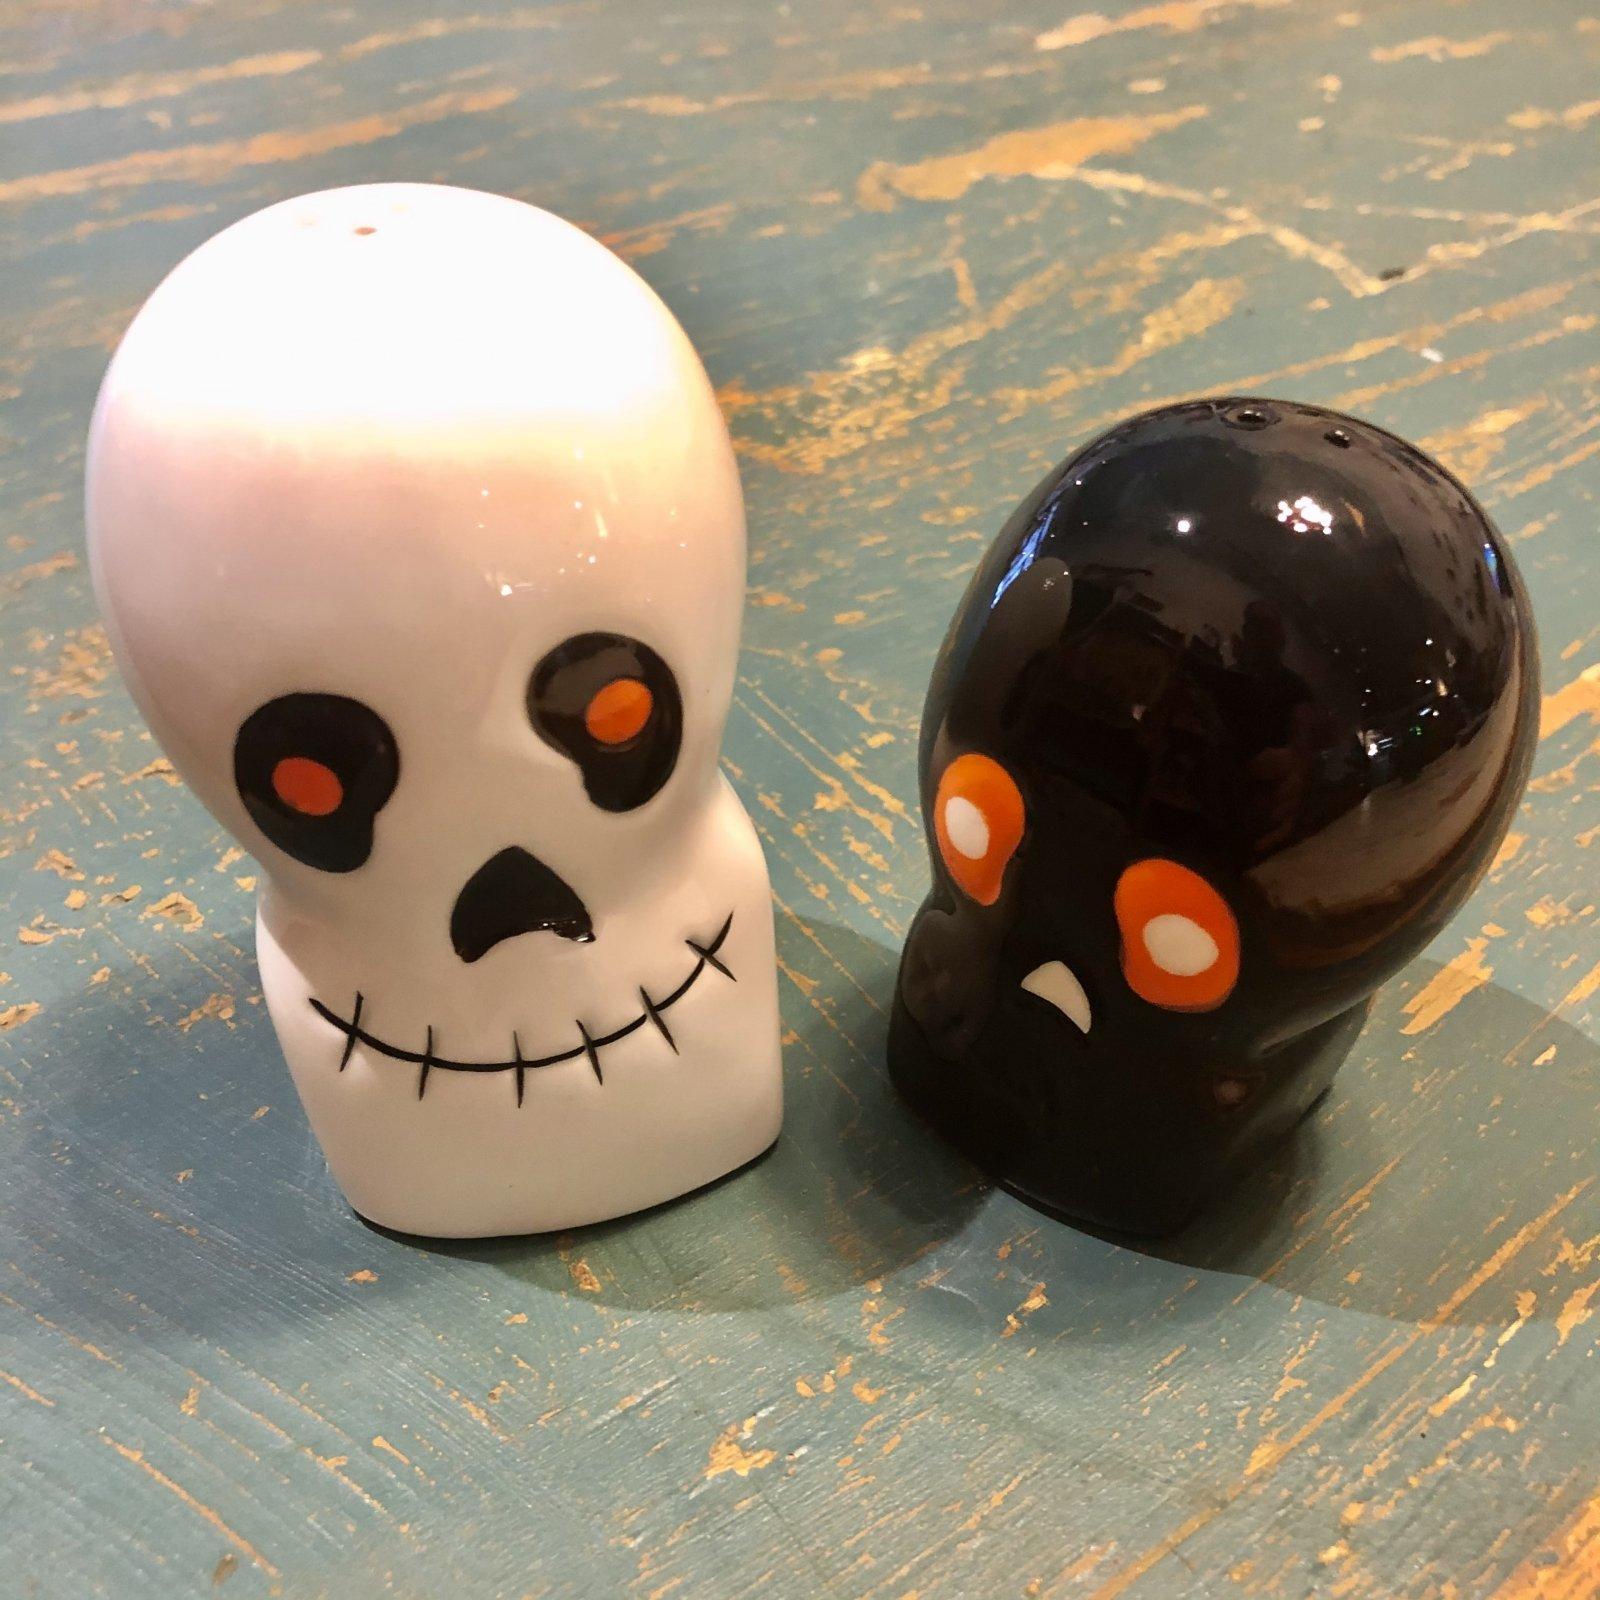 Spooky Black and White Skull Salt and Pepper